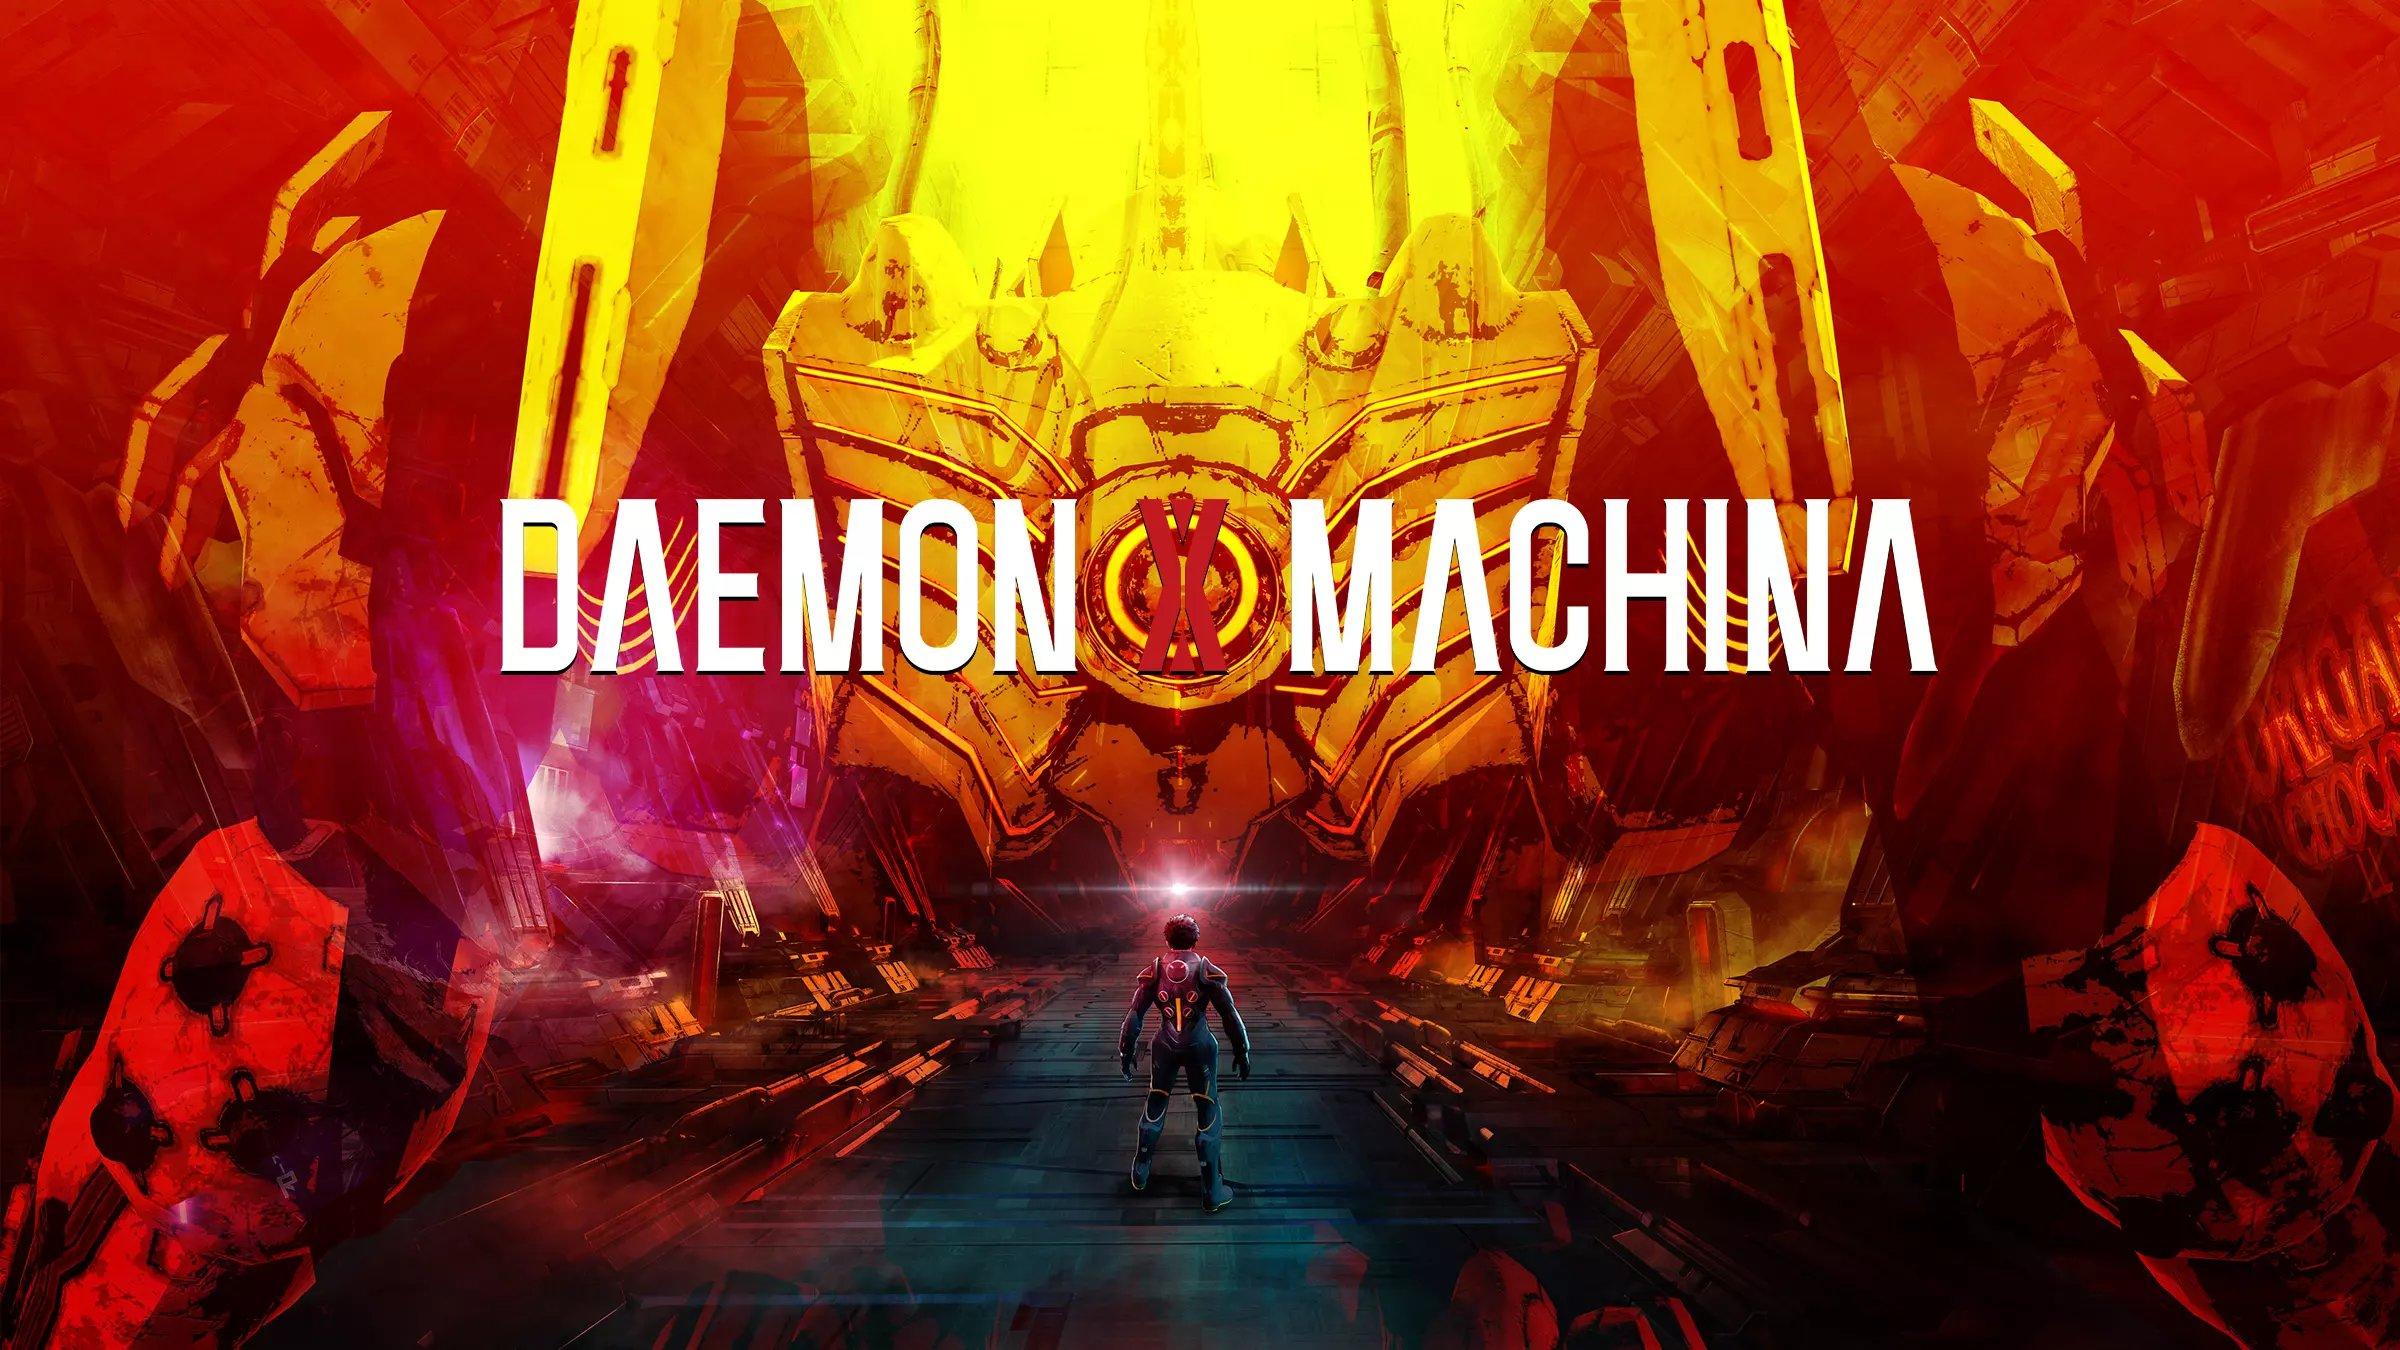 【朗報】デモンエクスマキナ、2月14日よりSteamで発売